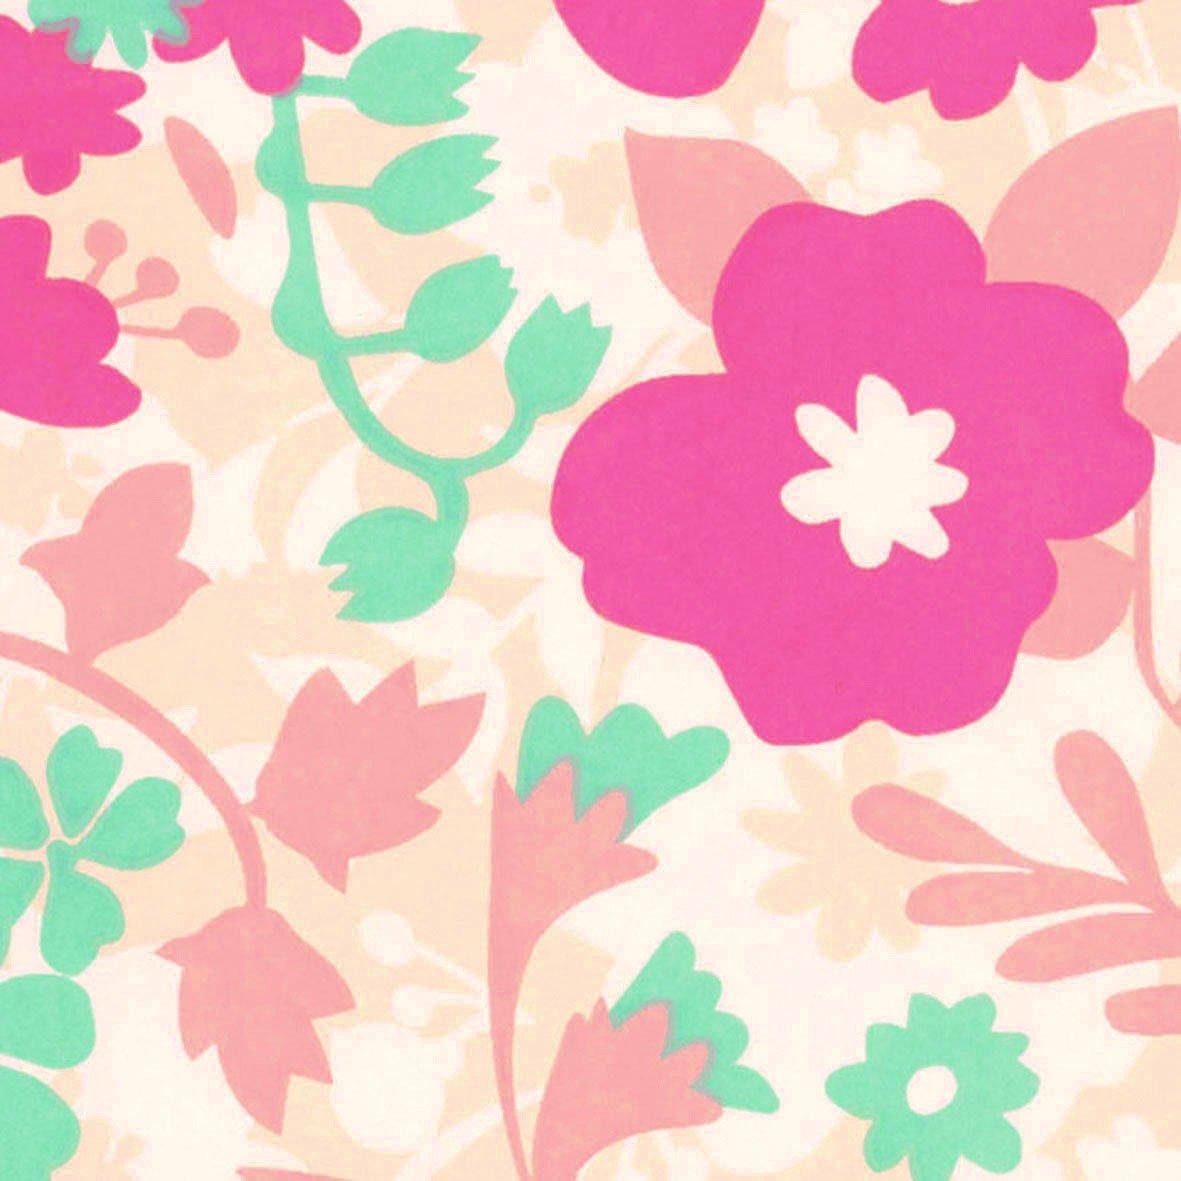 リリカラ 壁紙32m キッズ 花柄 ピンク LL-8061 B01N3WECM9 32m ピンク